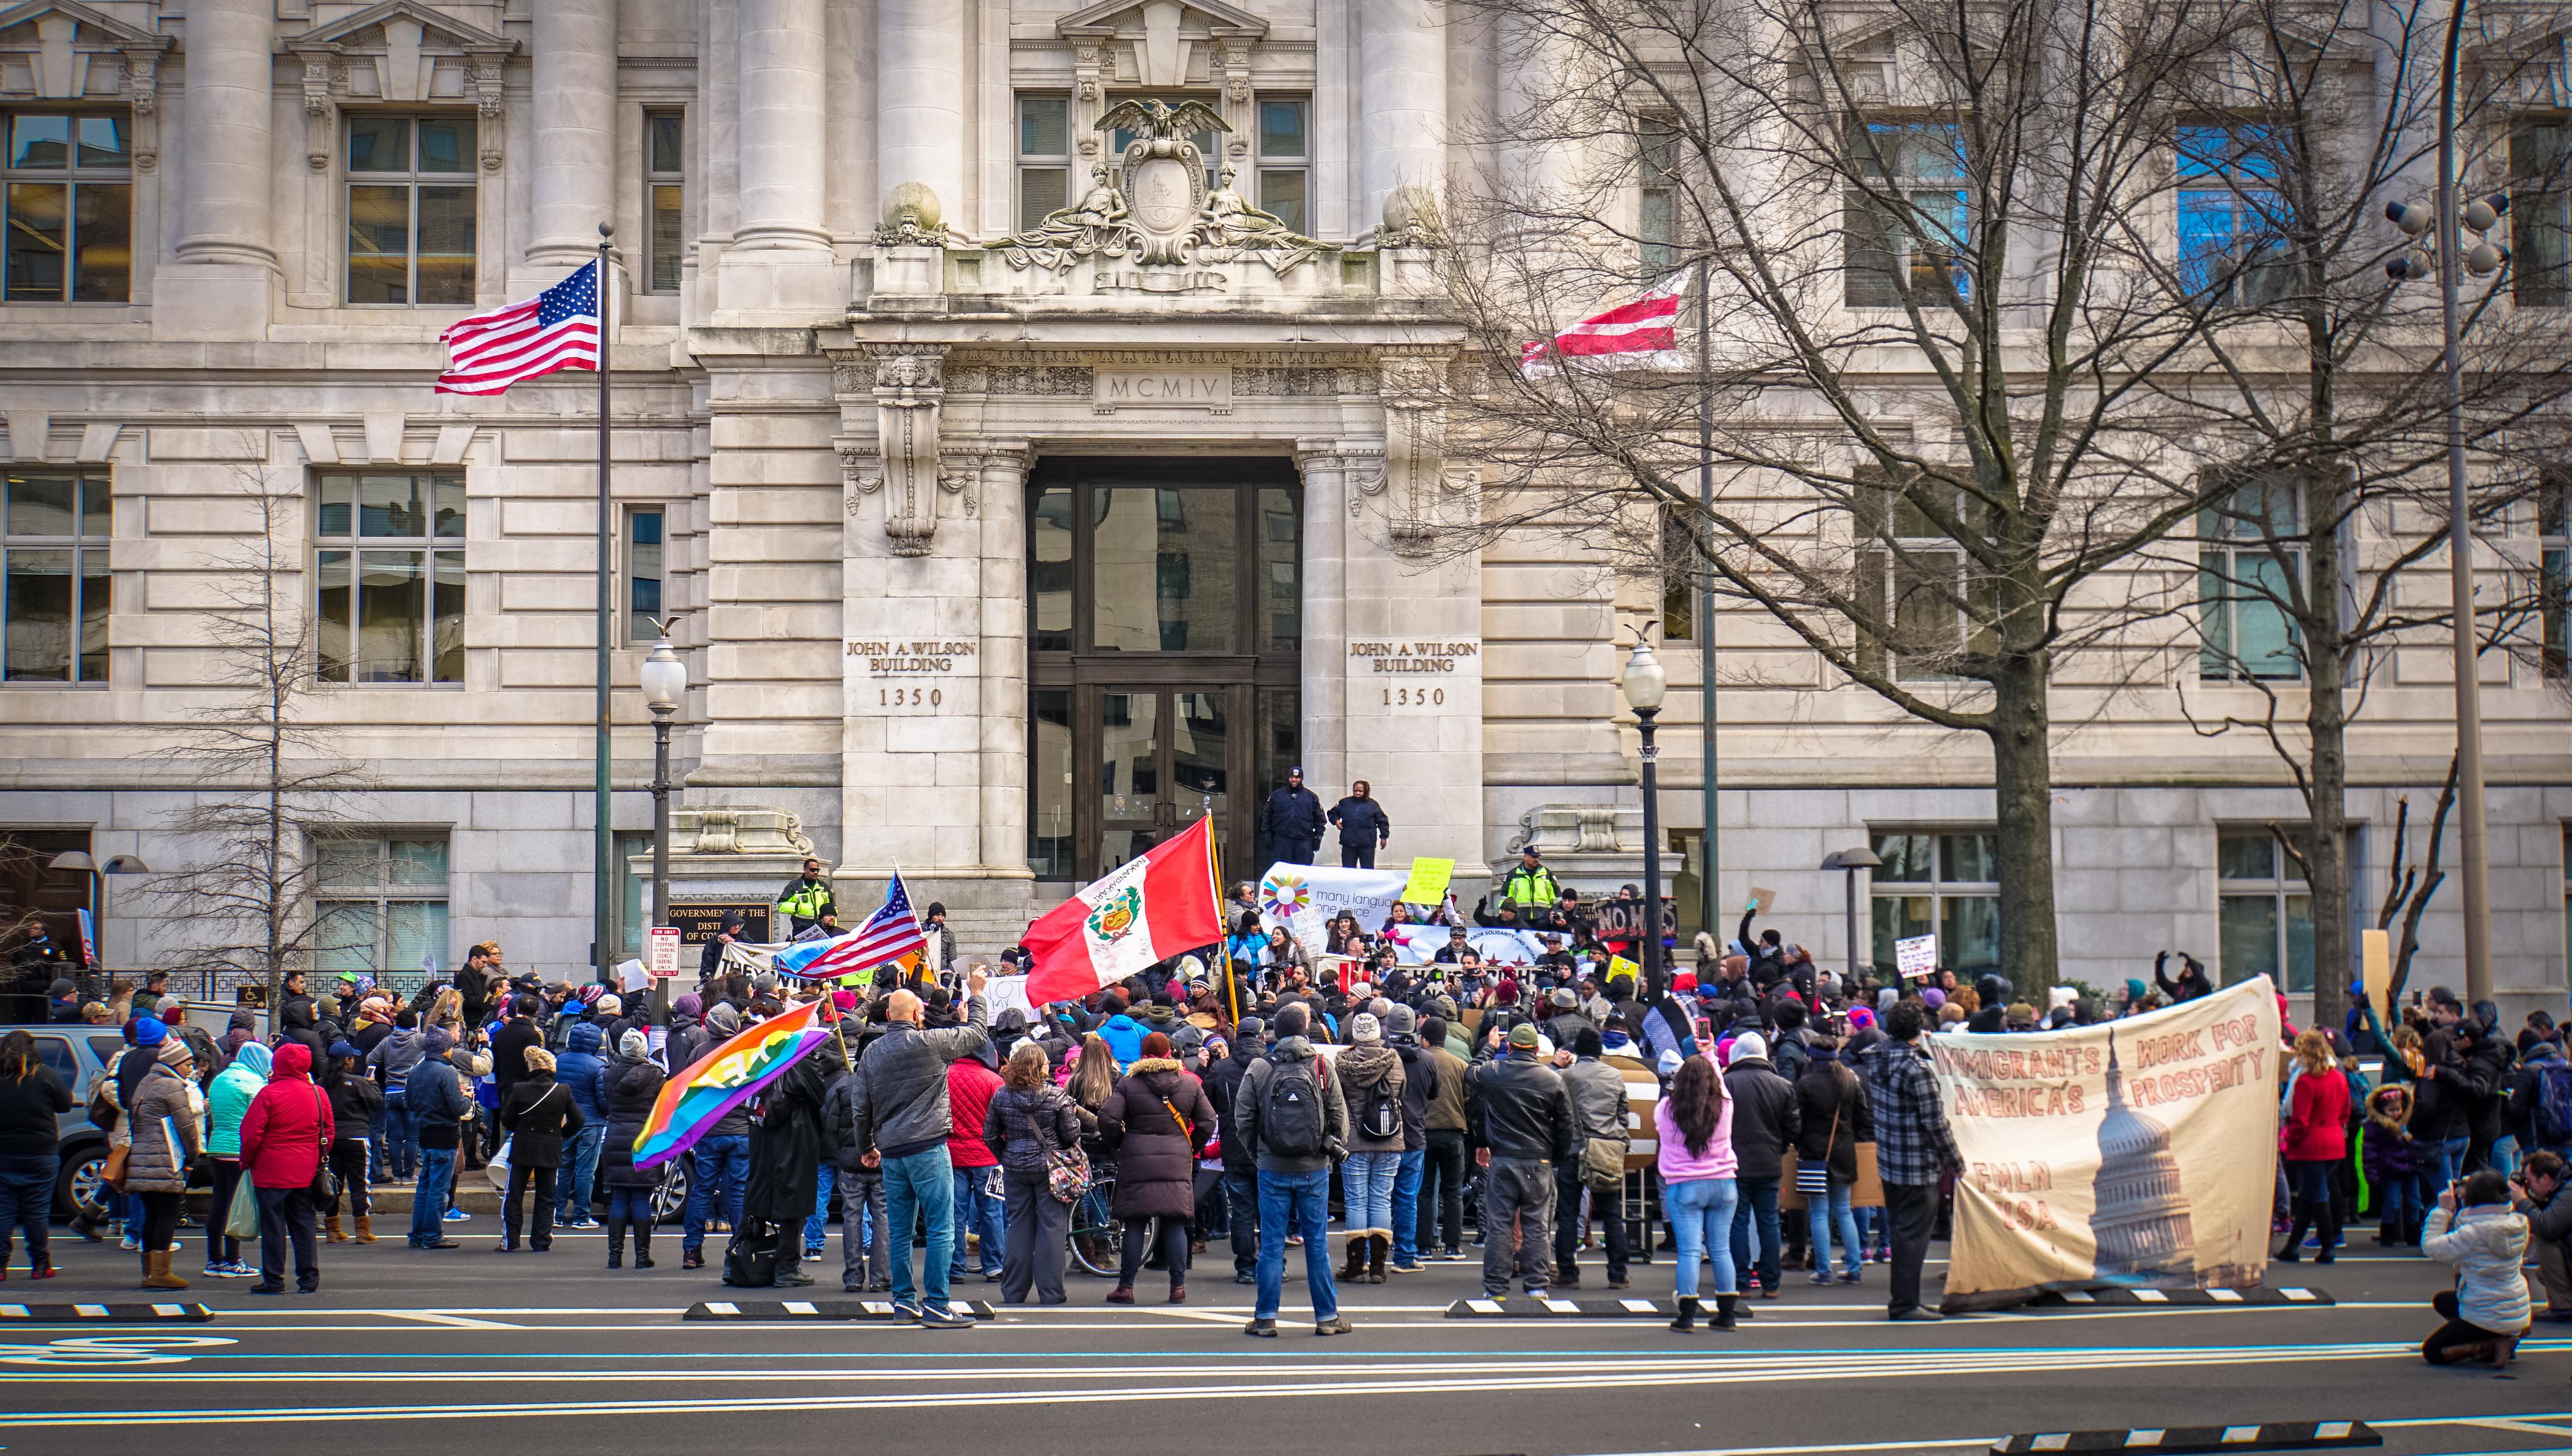 Protesta un día sin inmigrantes - Wikipedia, la enciclopedia libre